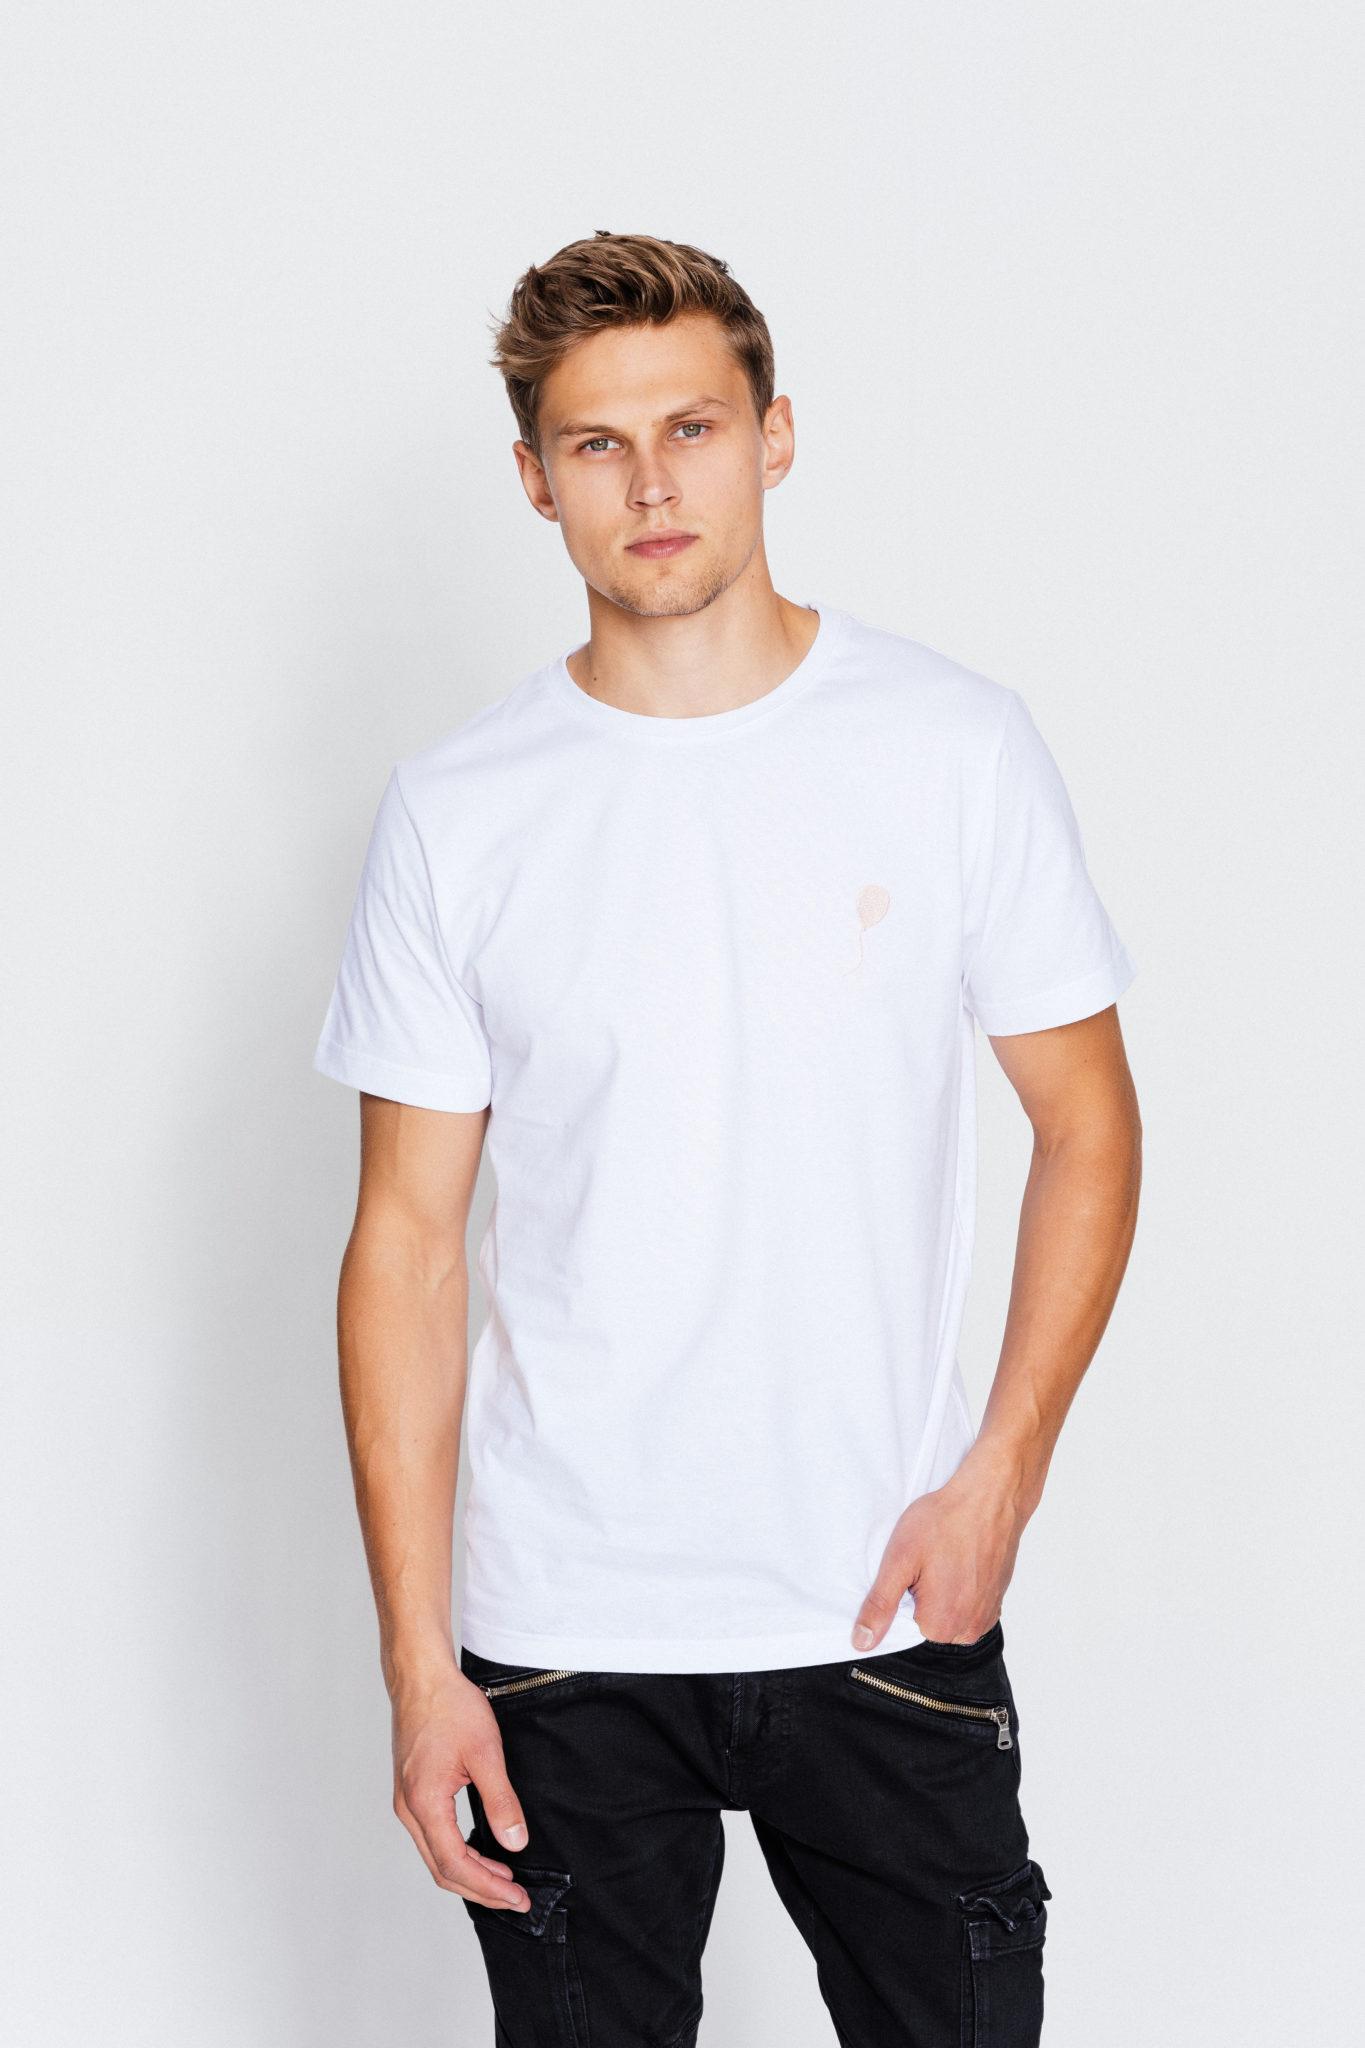 Na zdjeciu chlopak ubrany w bialy tshirt pozuje na tle bialej sciany